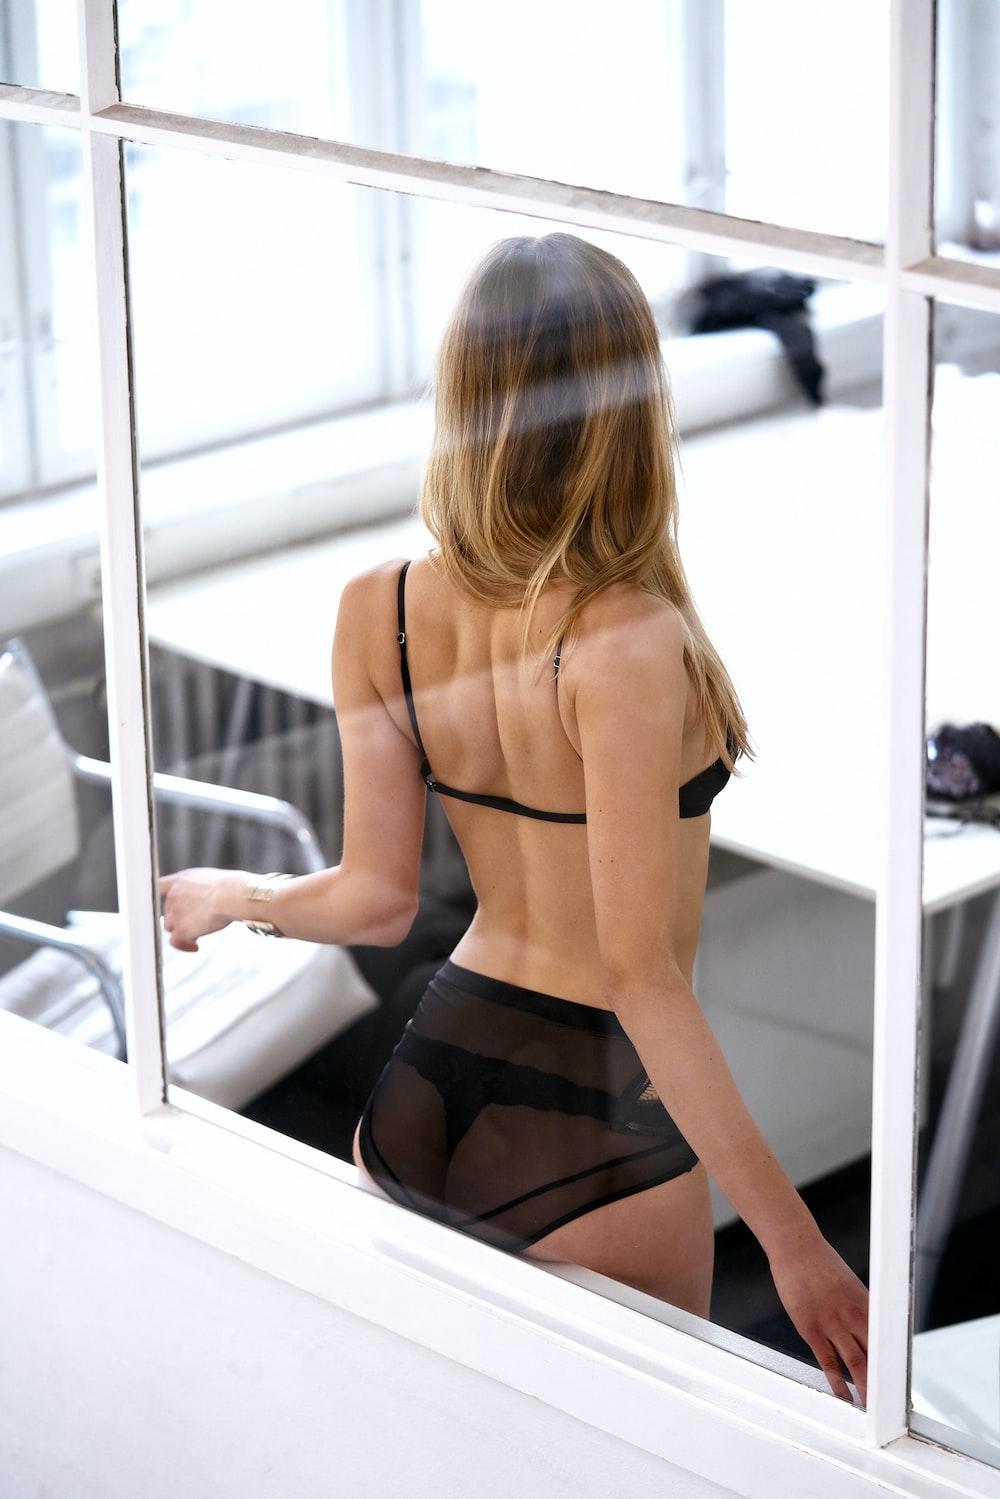 woman wearing bikini leaning beside clear glass window